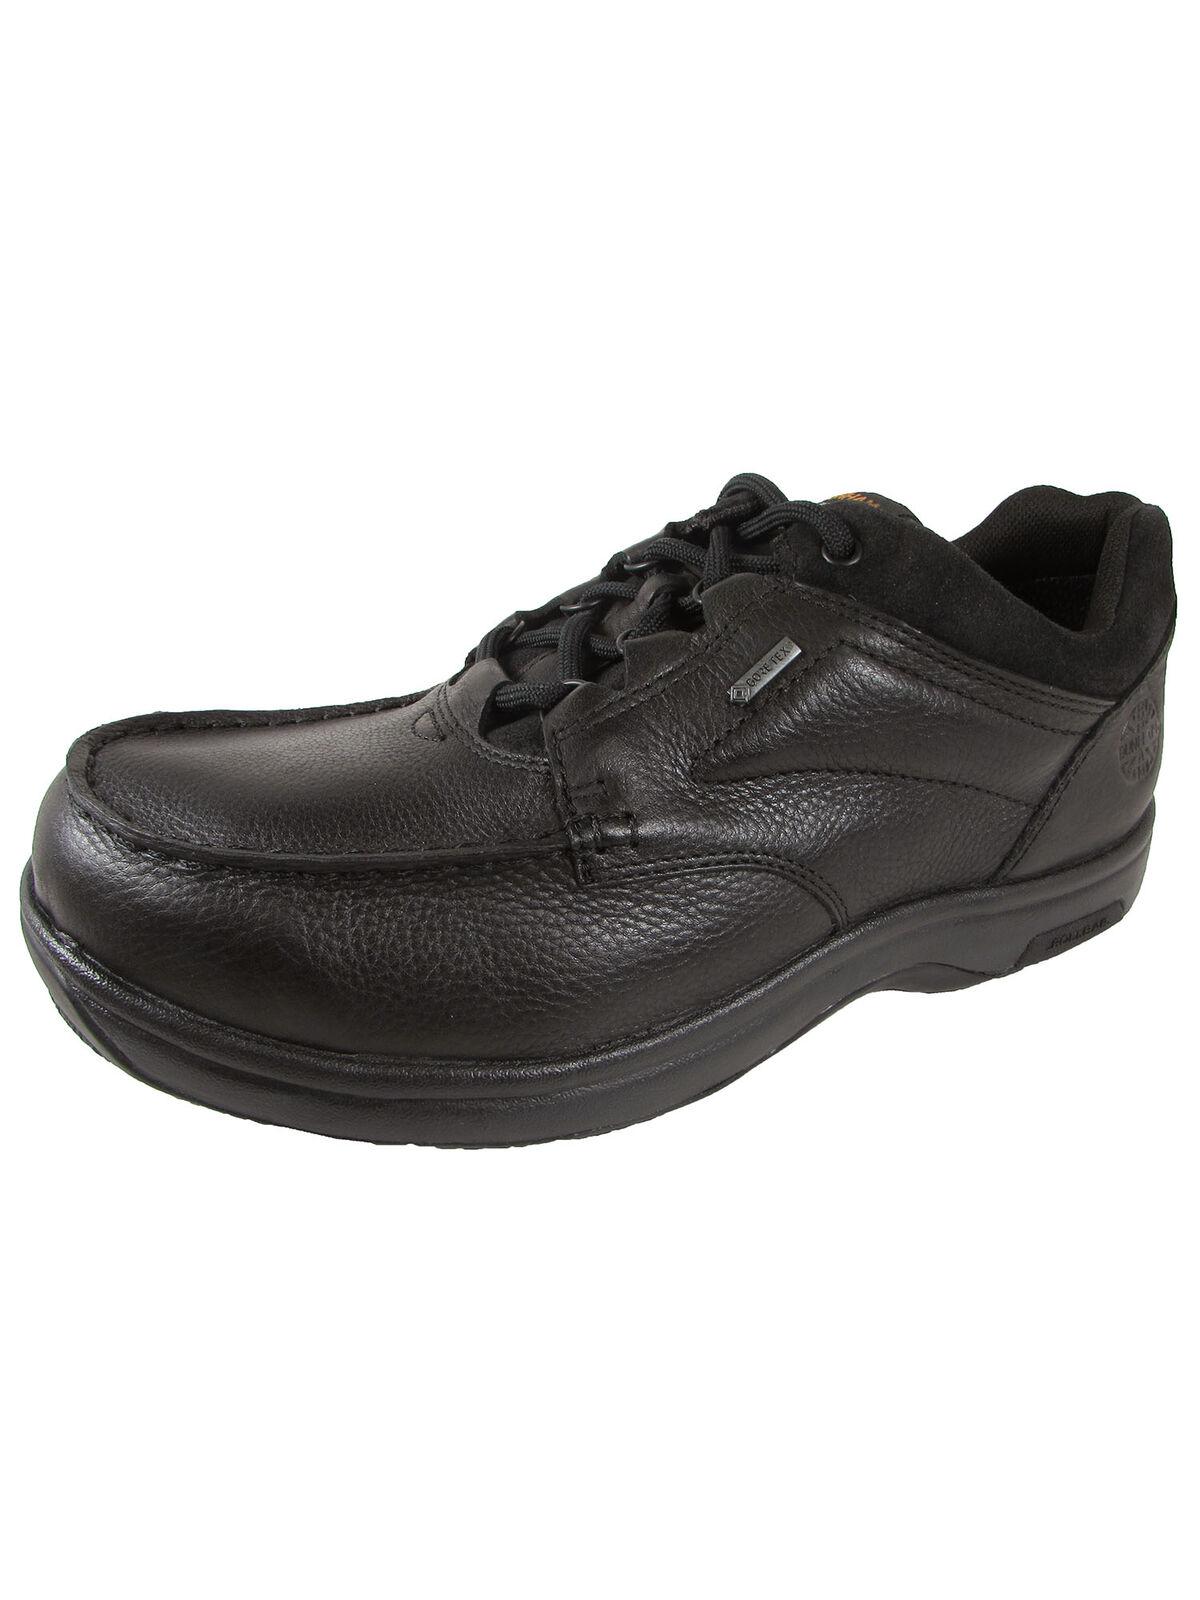 Dunham Hombre Exeter bajo Impermeable Zapatos con Cordones